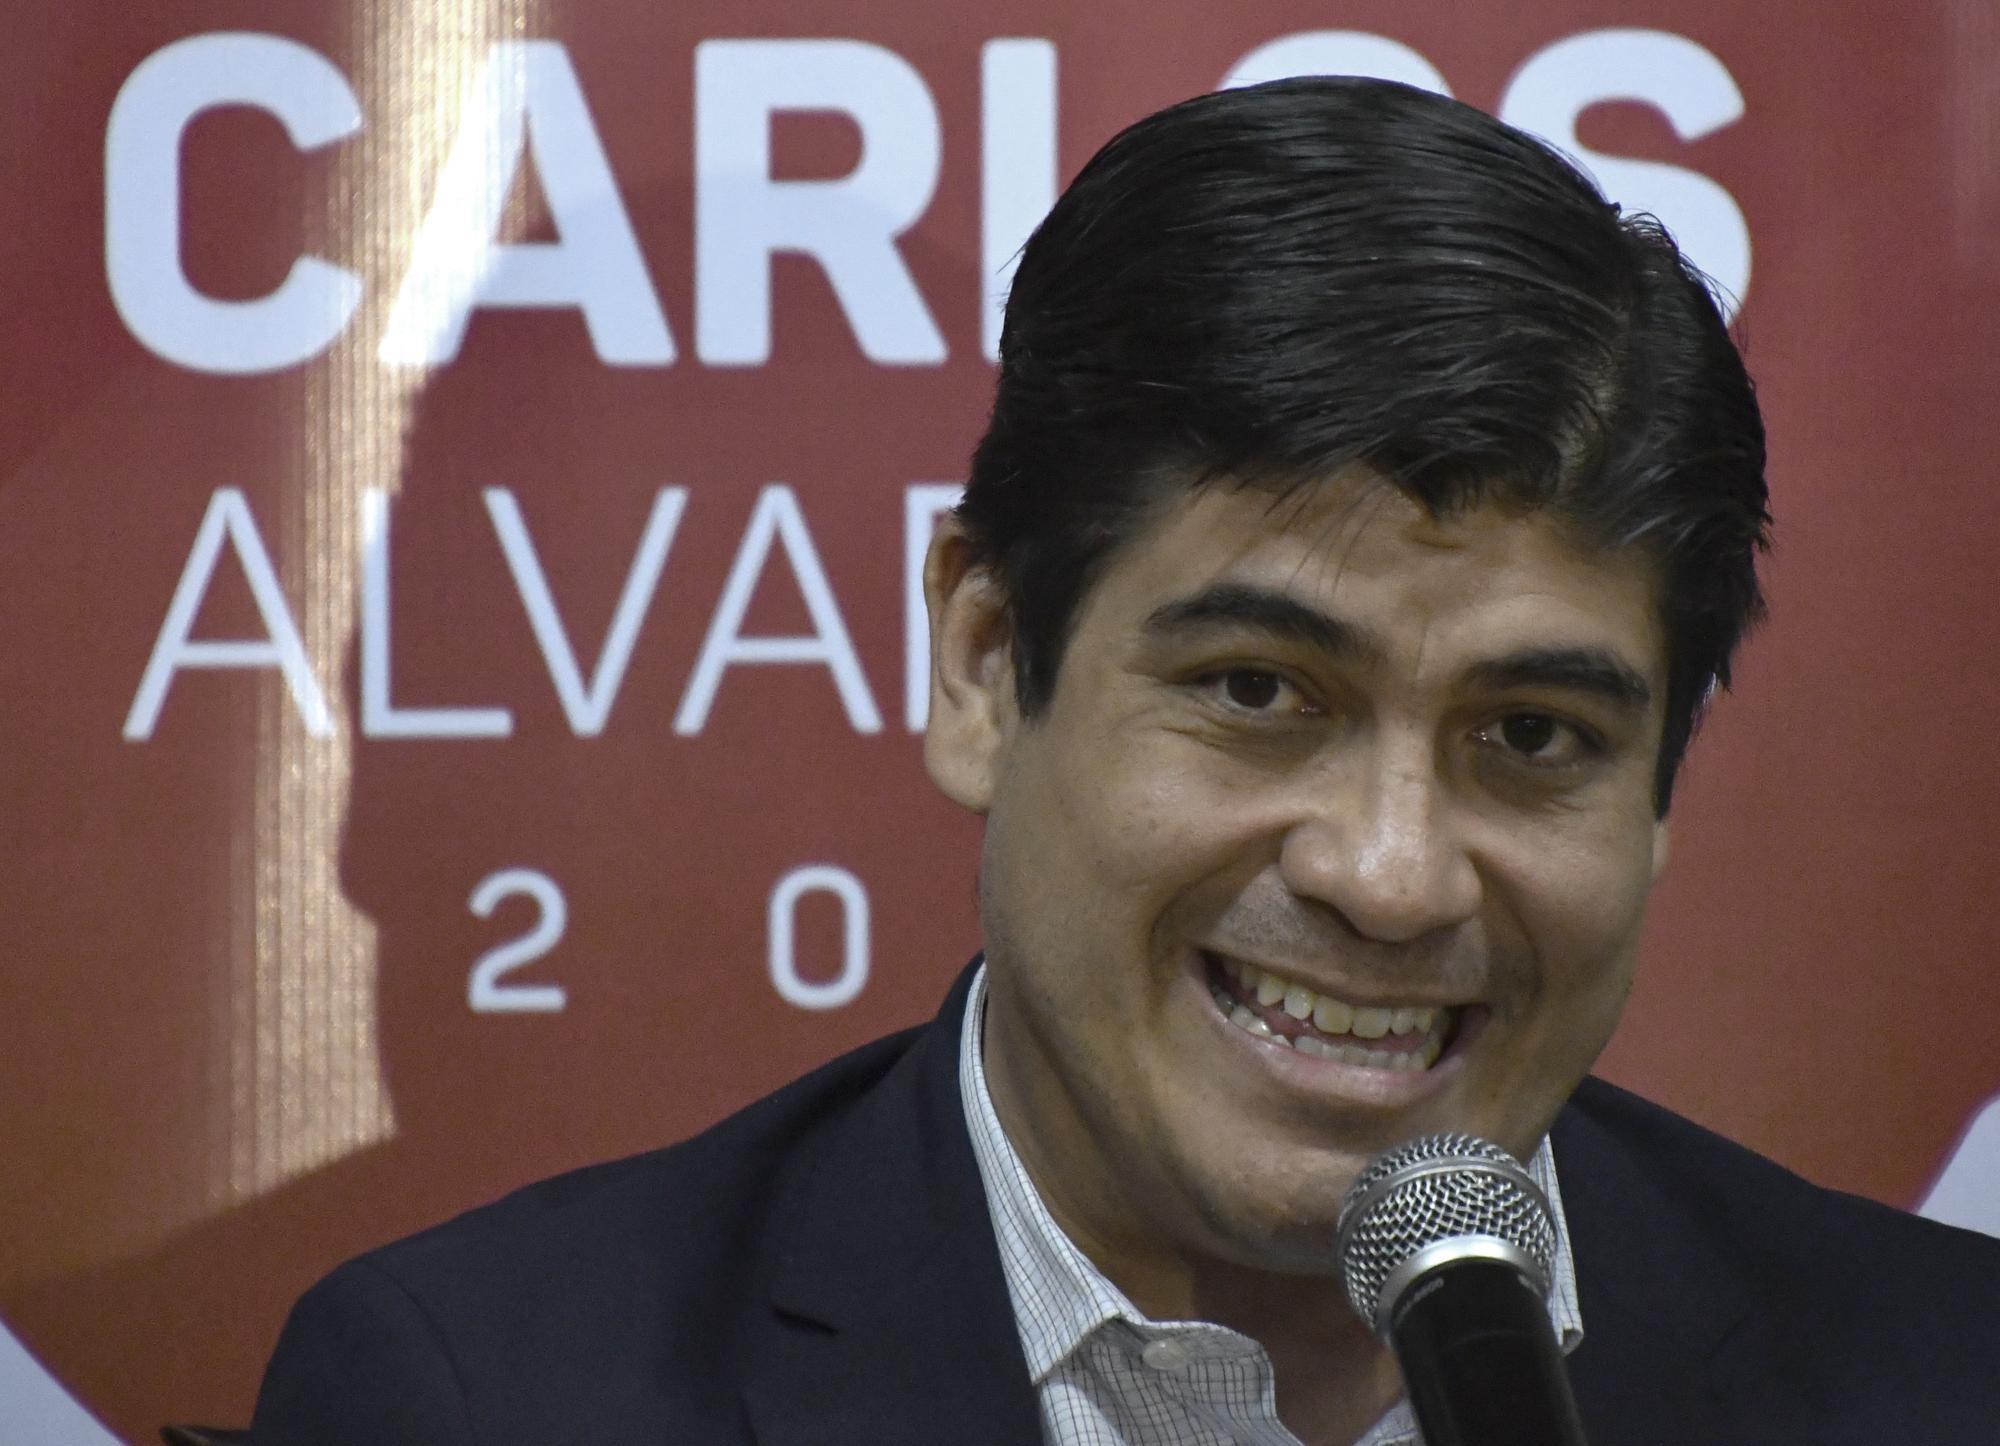 Carlos Alvarado, candidato oficialista a la presidencia de Costa Rica, con el gobernante Acción Ciudadana (PAC), durante una conferencia de prensa este 5 de febrero, en San José.Foto: AFP/ Ezequiel Becerra